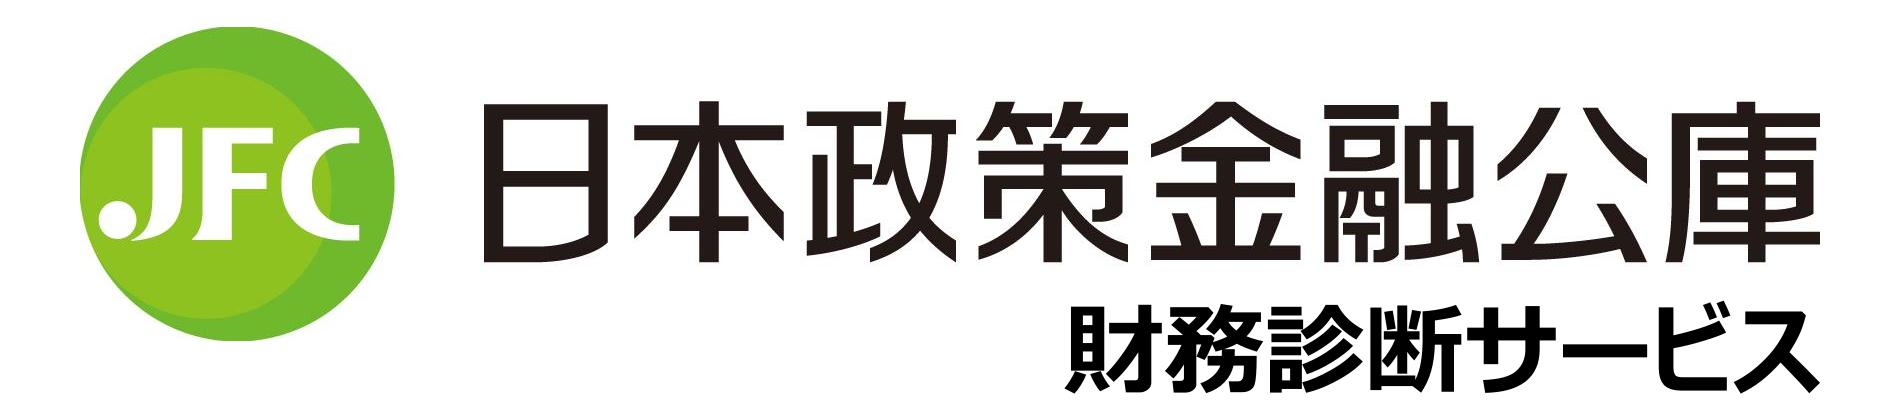 日本政策金融公庫_財務診断サービスバナー